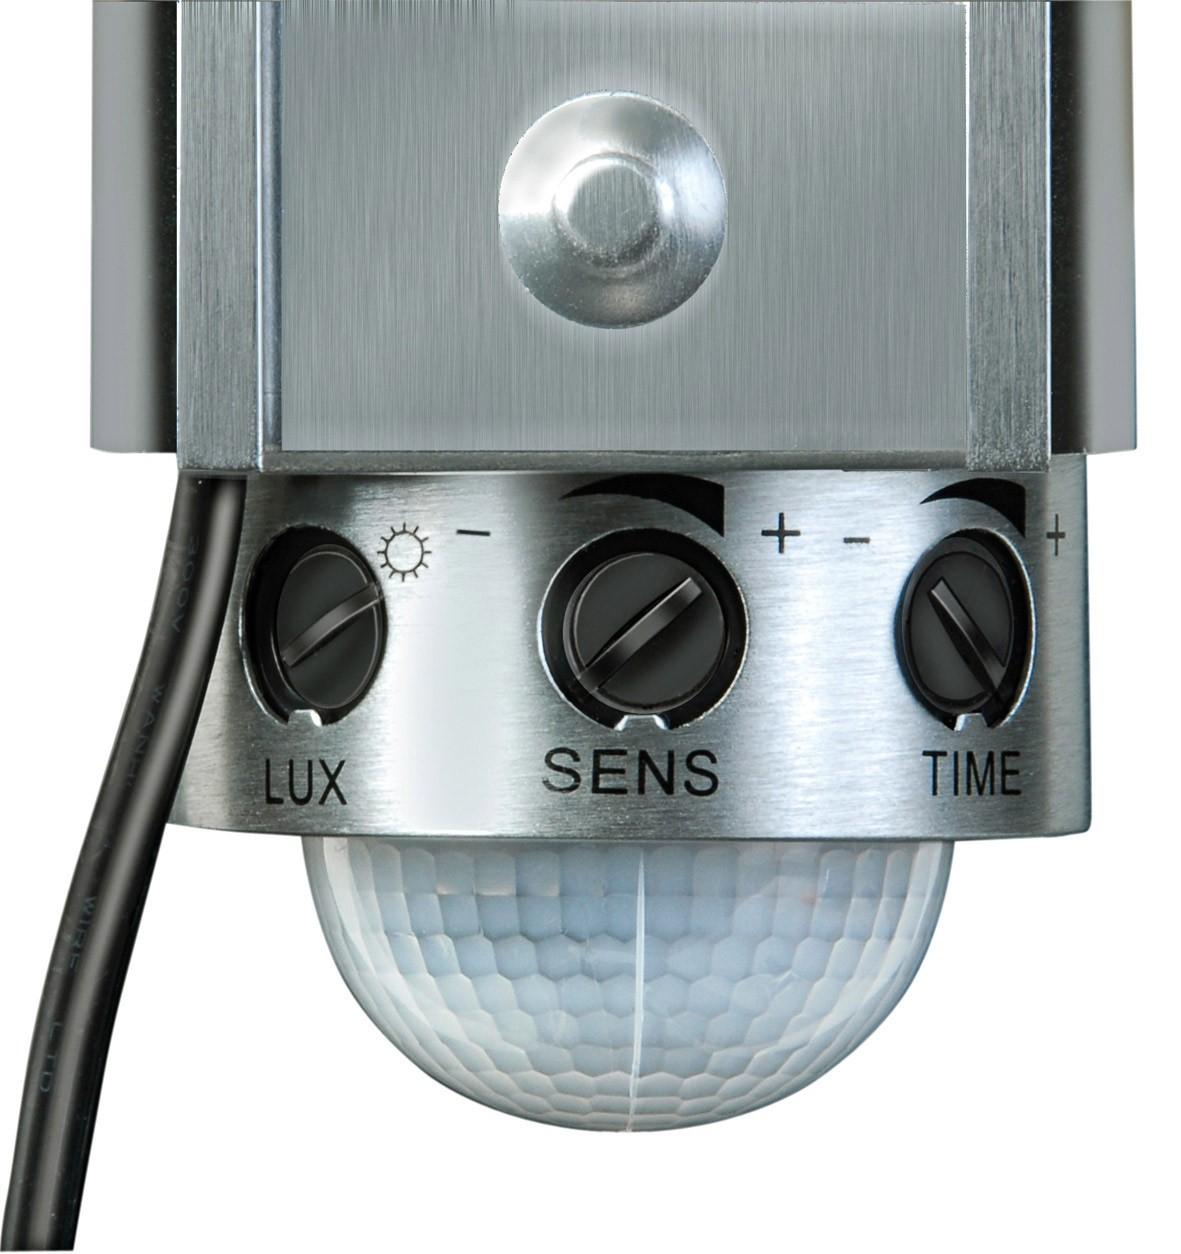 Brennenstuhl Solar LED-Strahler mit Infrarot-Bewegungsmelder Alu Bild 2